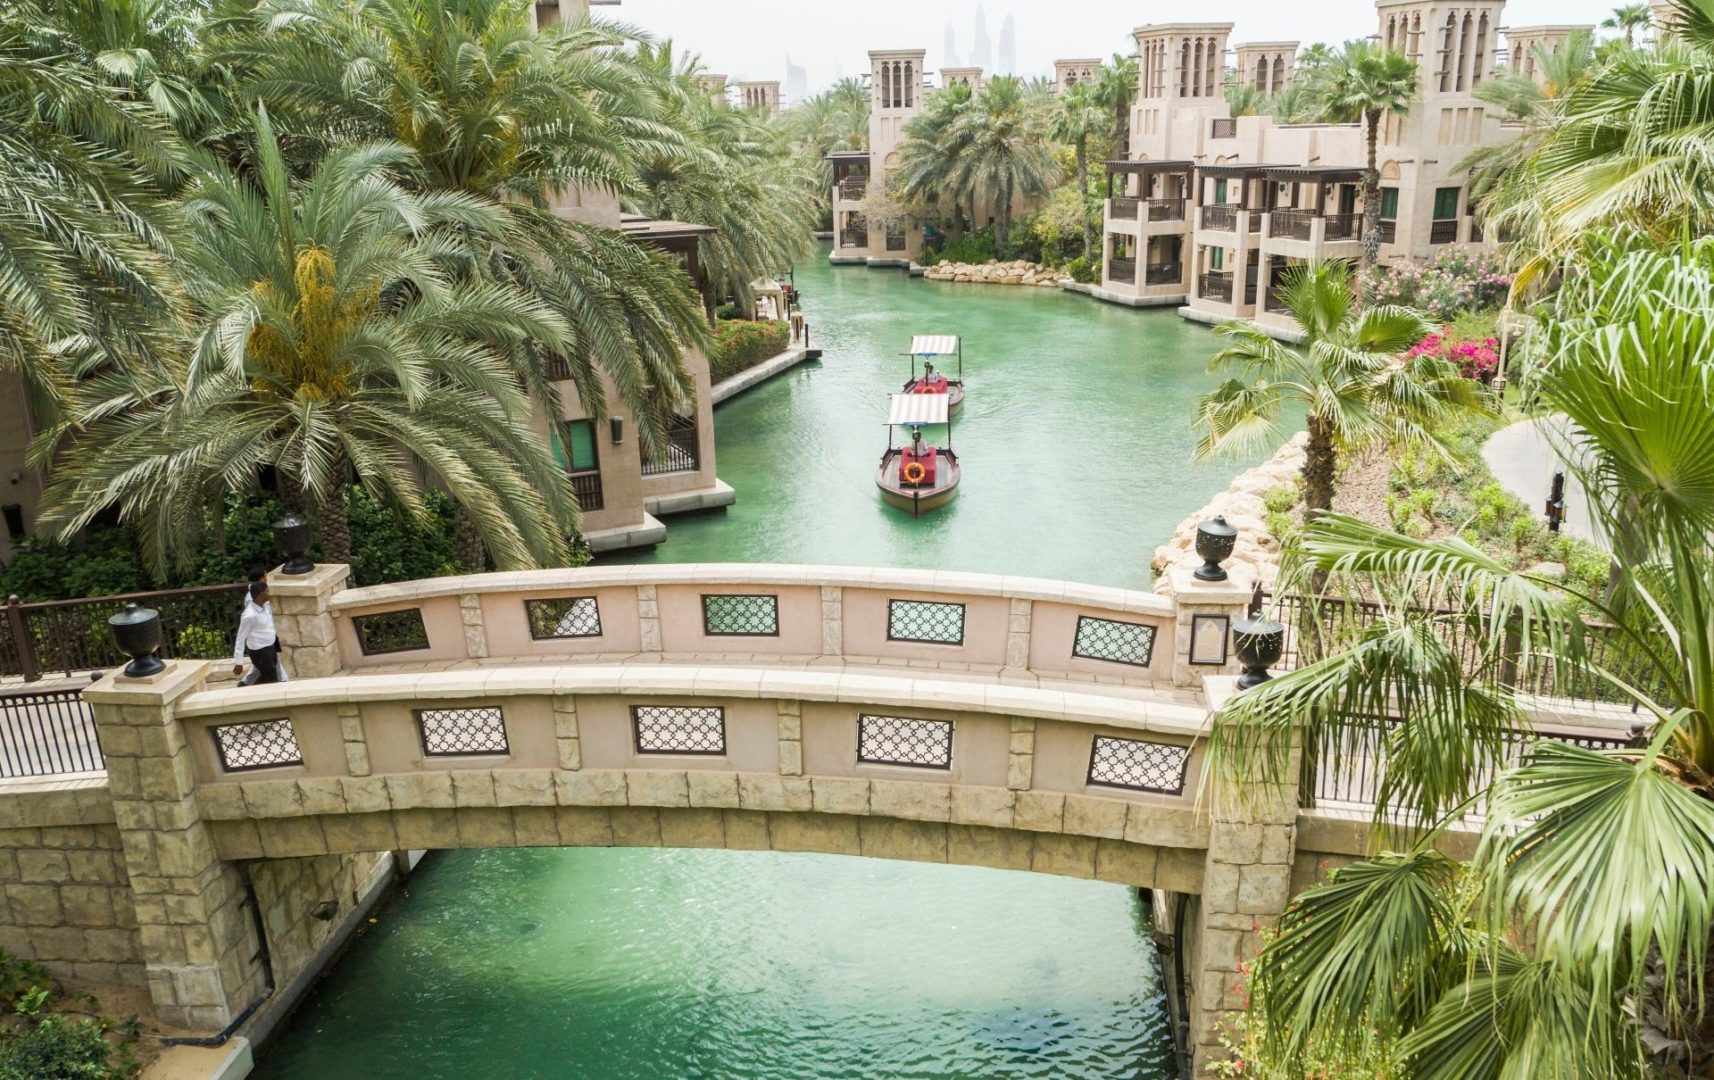 Waterways – Aerial